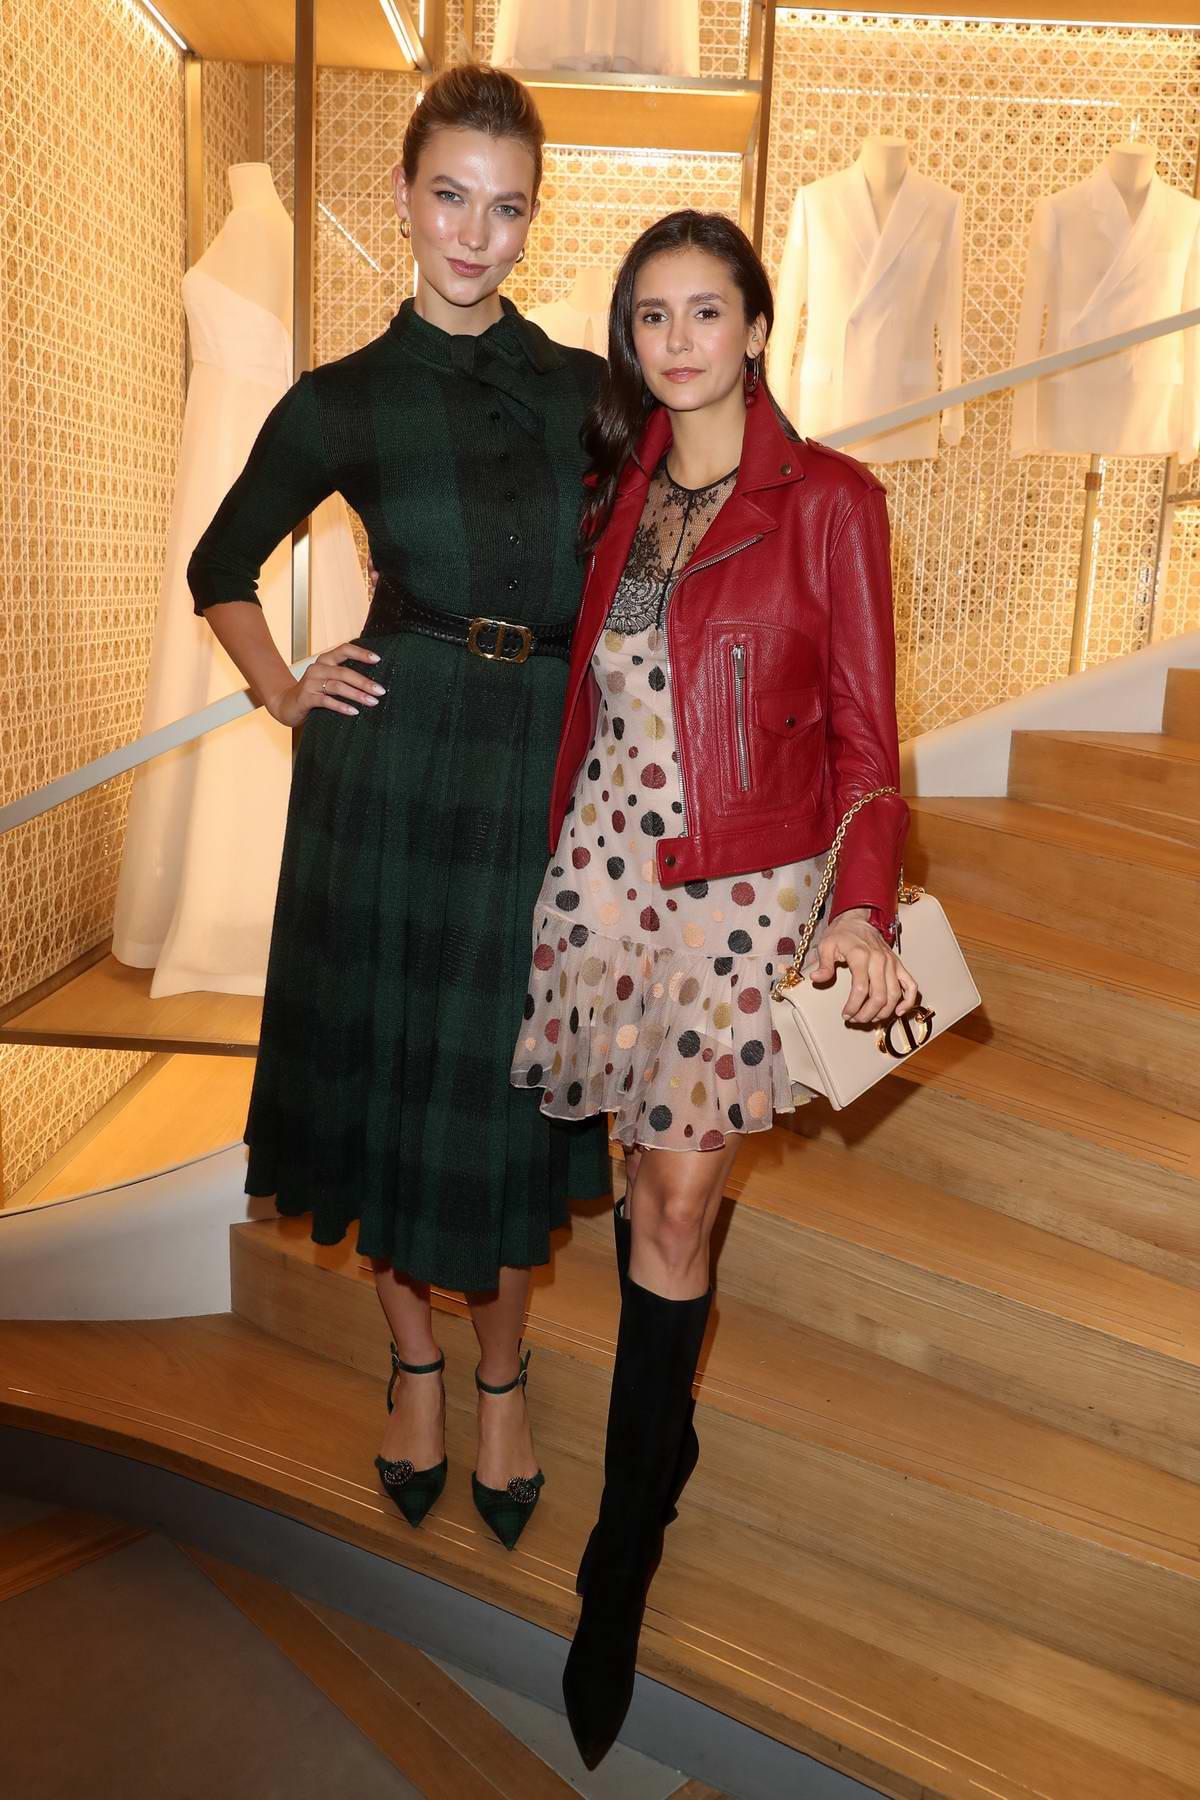 Nina Dobrev and Karlie Kloss at the Dior Champs-Elysees Flagship Inauguration in Paris, France